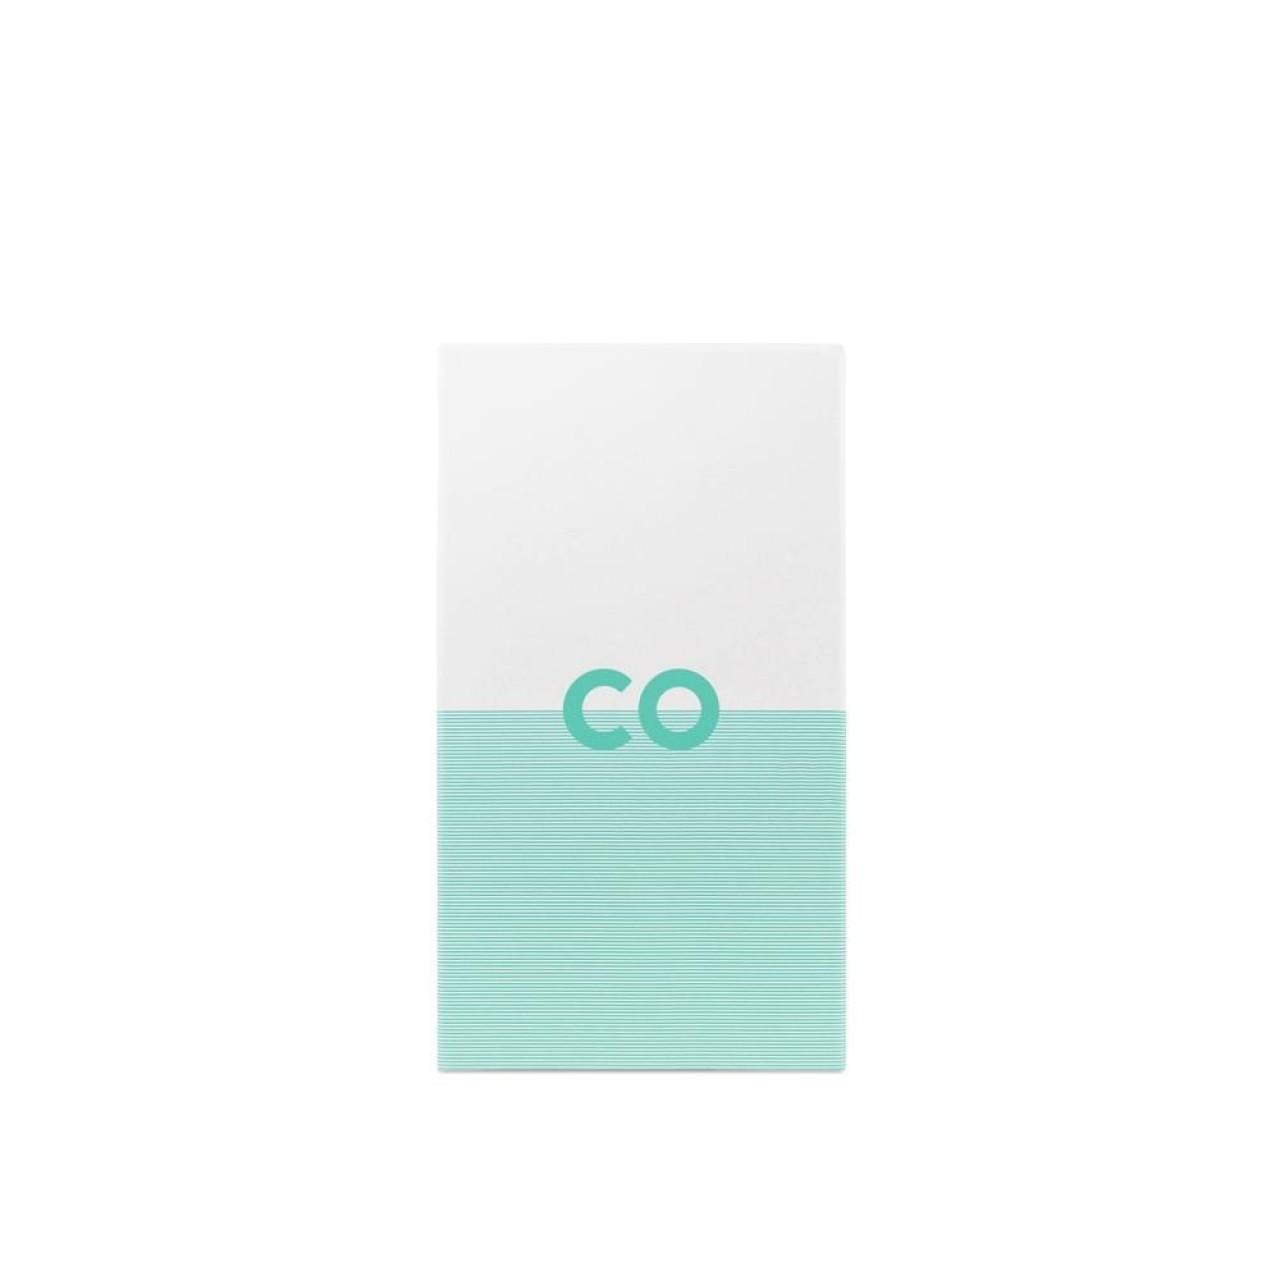 Acqua di Colonia Les eaux vives 100 ml Compagnie de Provence Italia CPPF0107CO100EV-01